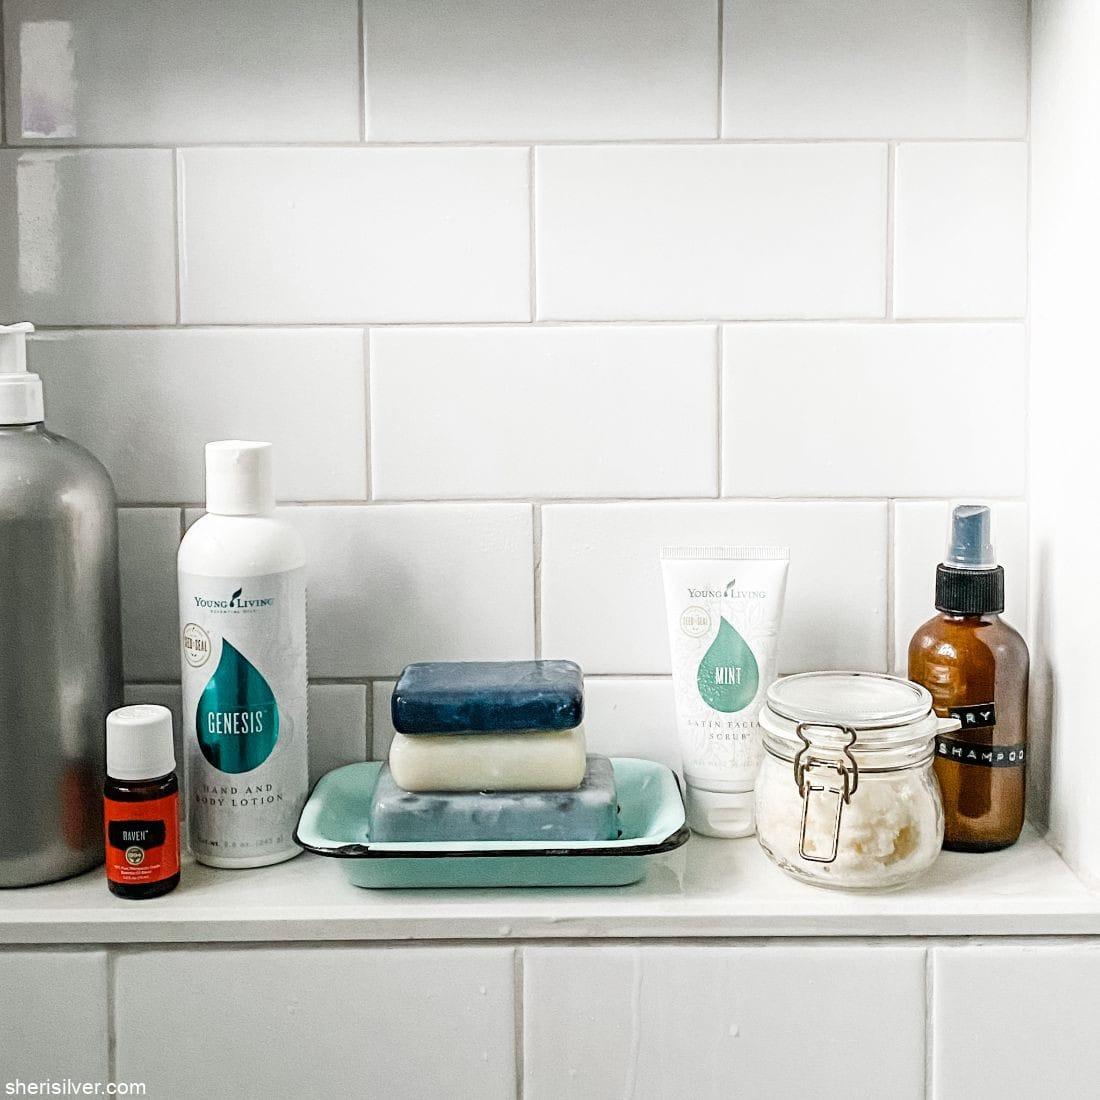 Shower Essentials l sherisilver.com